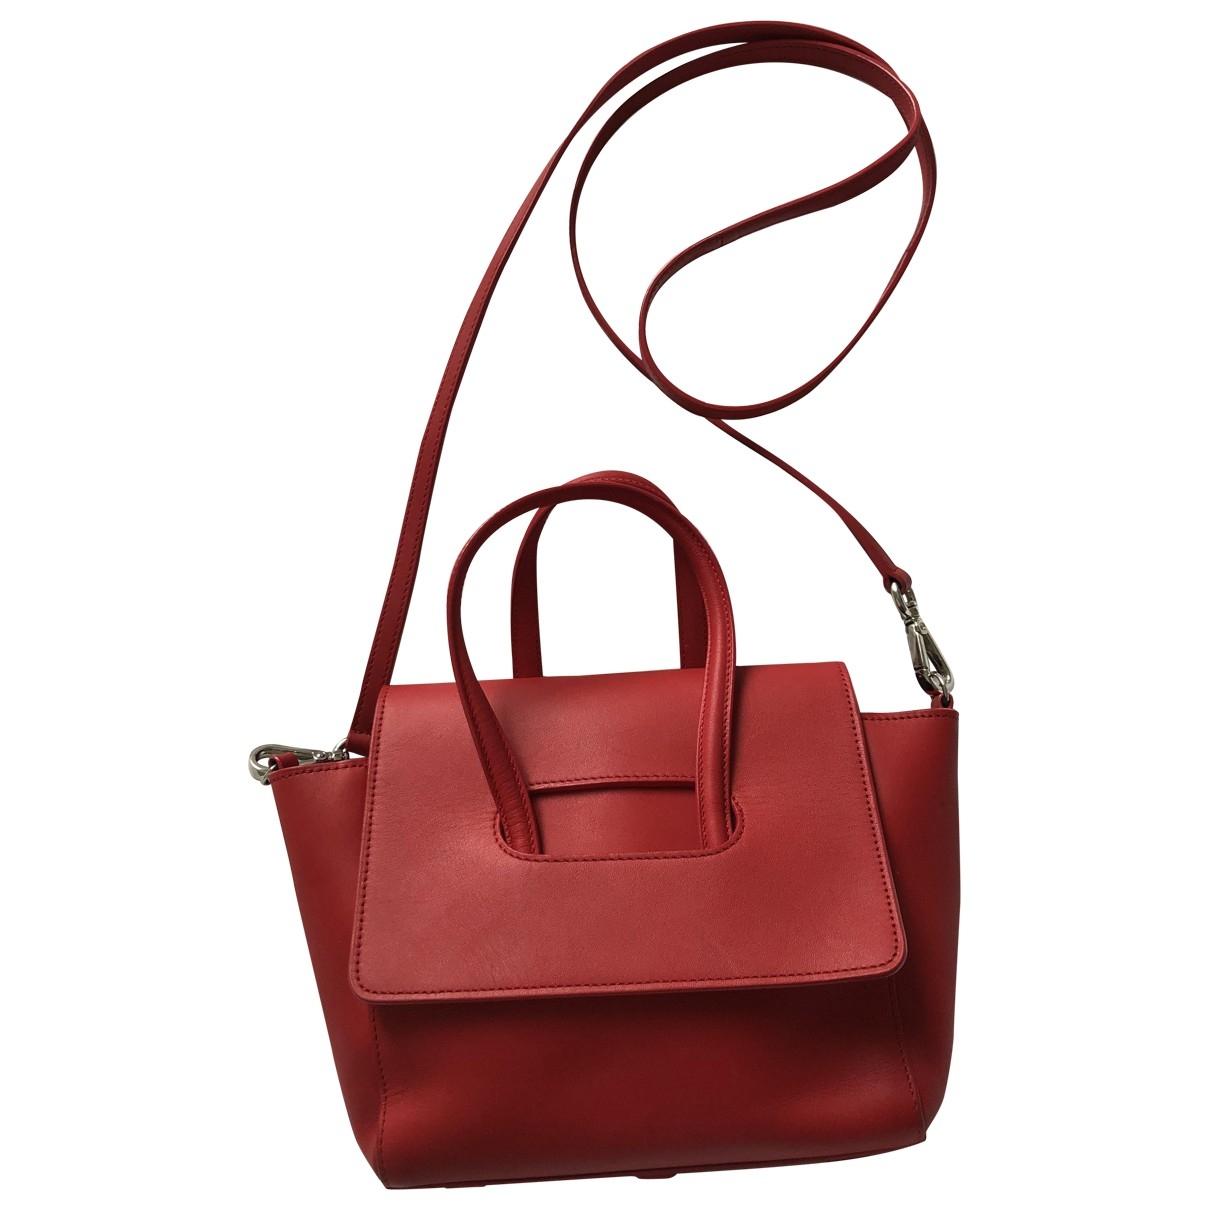 Maison Ullens \N Red Leather handbag for Women \N